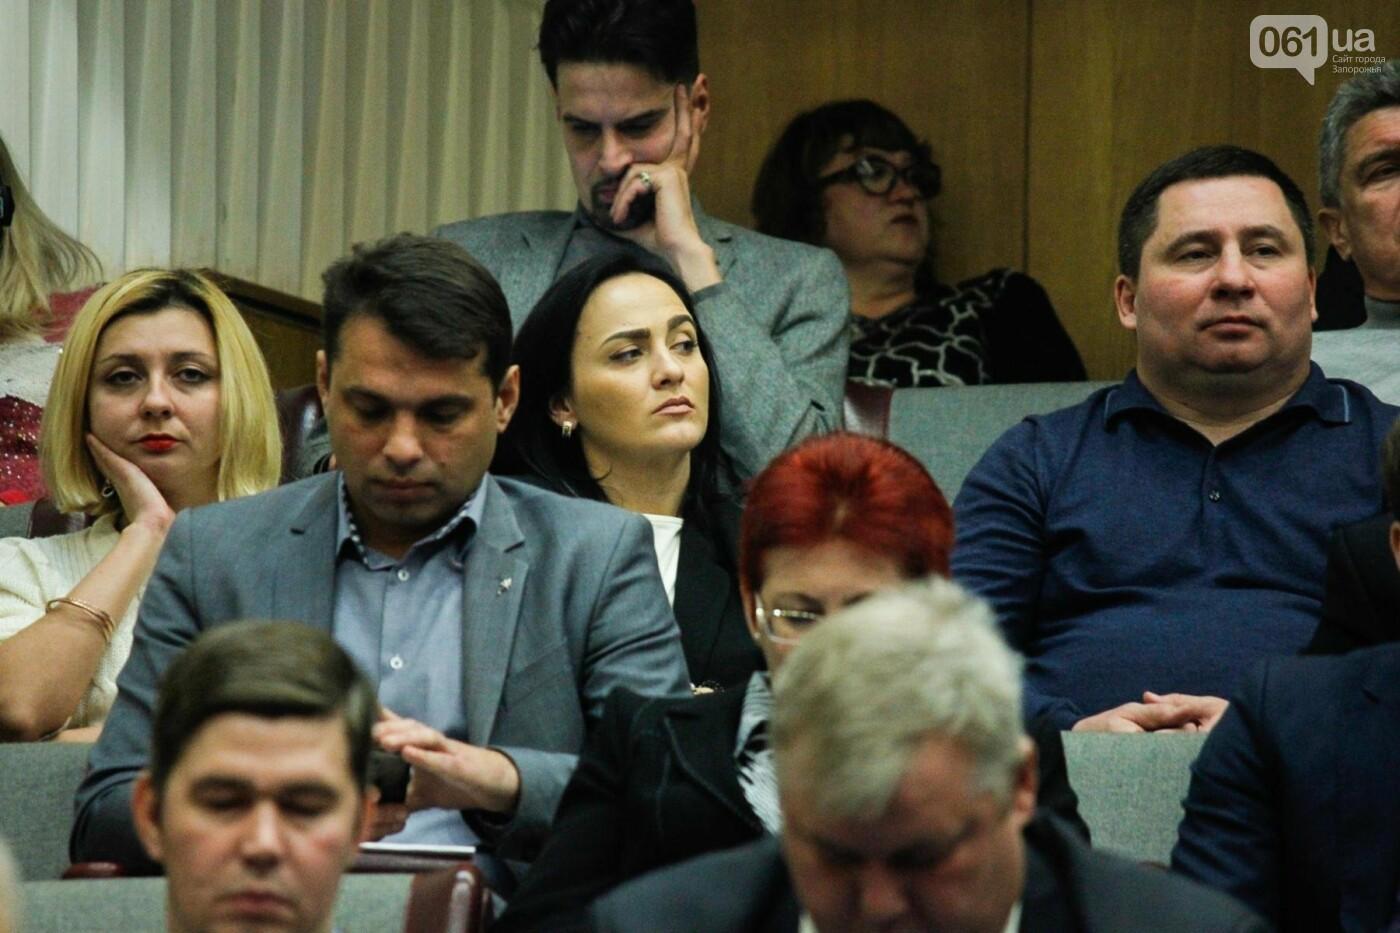 Вопрос о назначении директора Областного центра молодежи сняли с повестки дня сессии, - ФОТОФАКТ, фото-1